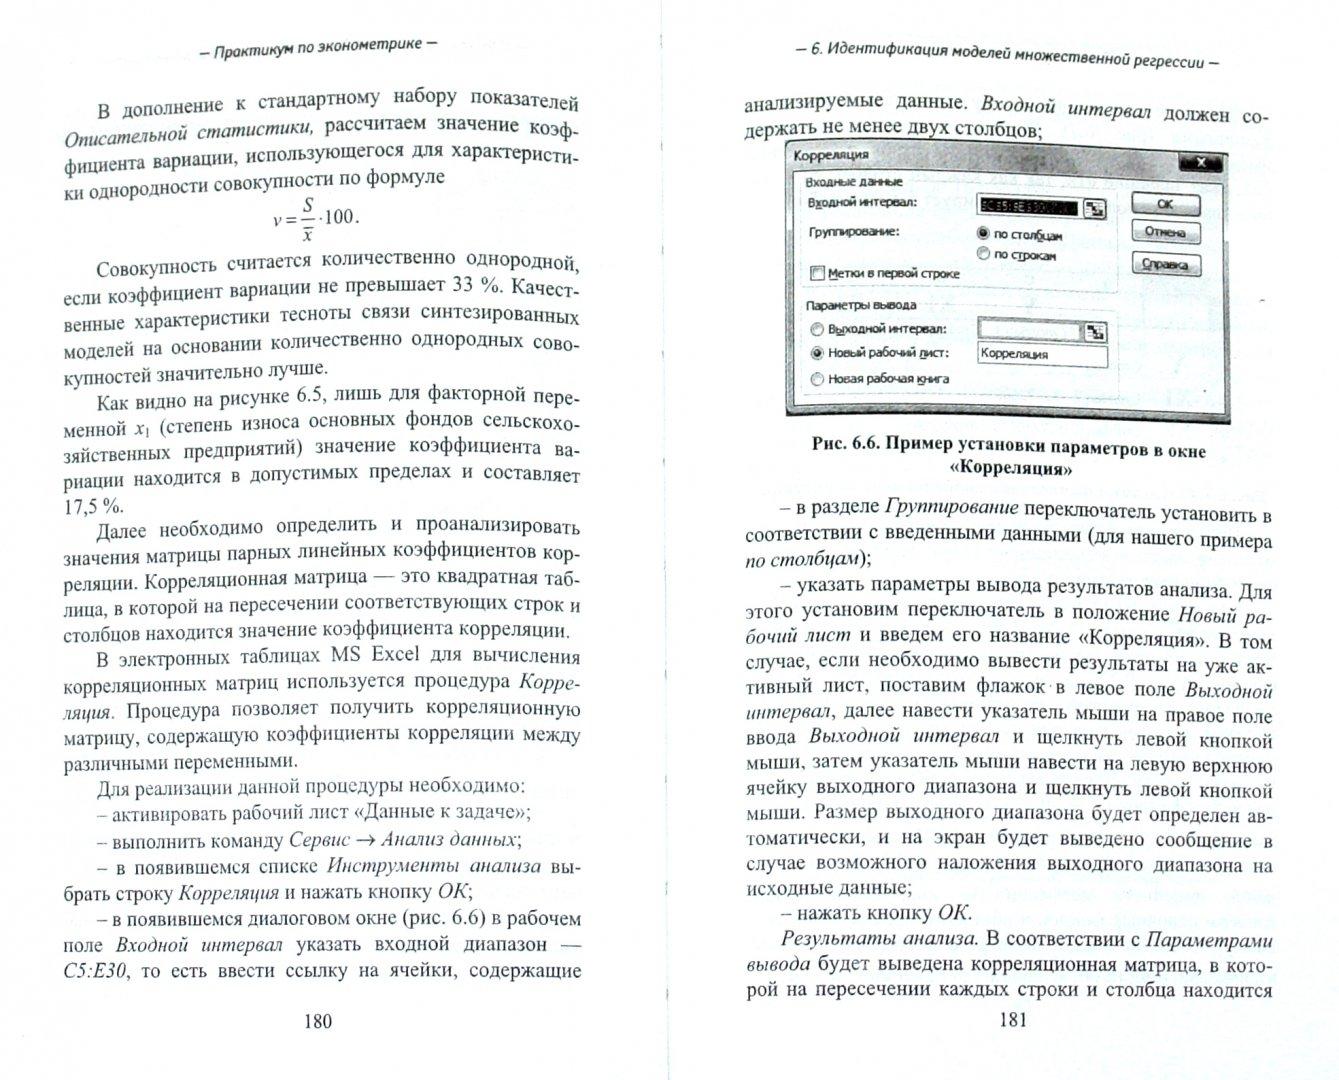 Иллюстрация 1 из 9 для Практикум по эконометрике - Гладилин, Герасимов, Громов | Лабиринт - книги. Источник: Лабиринт